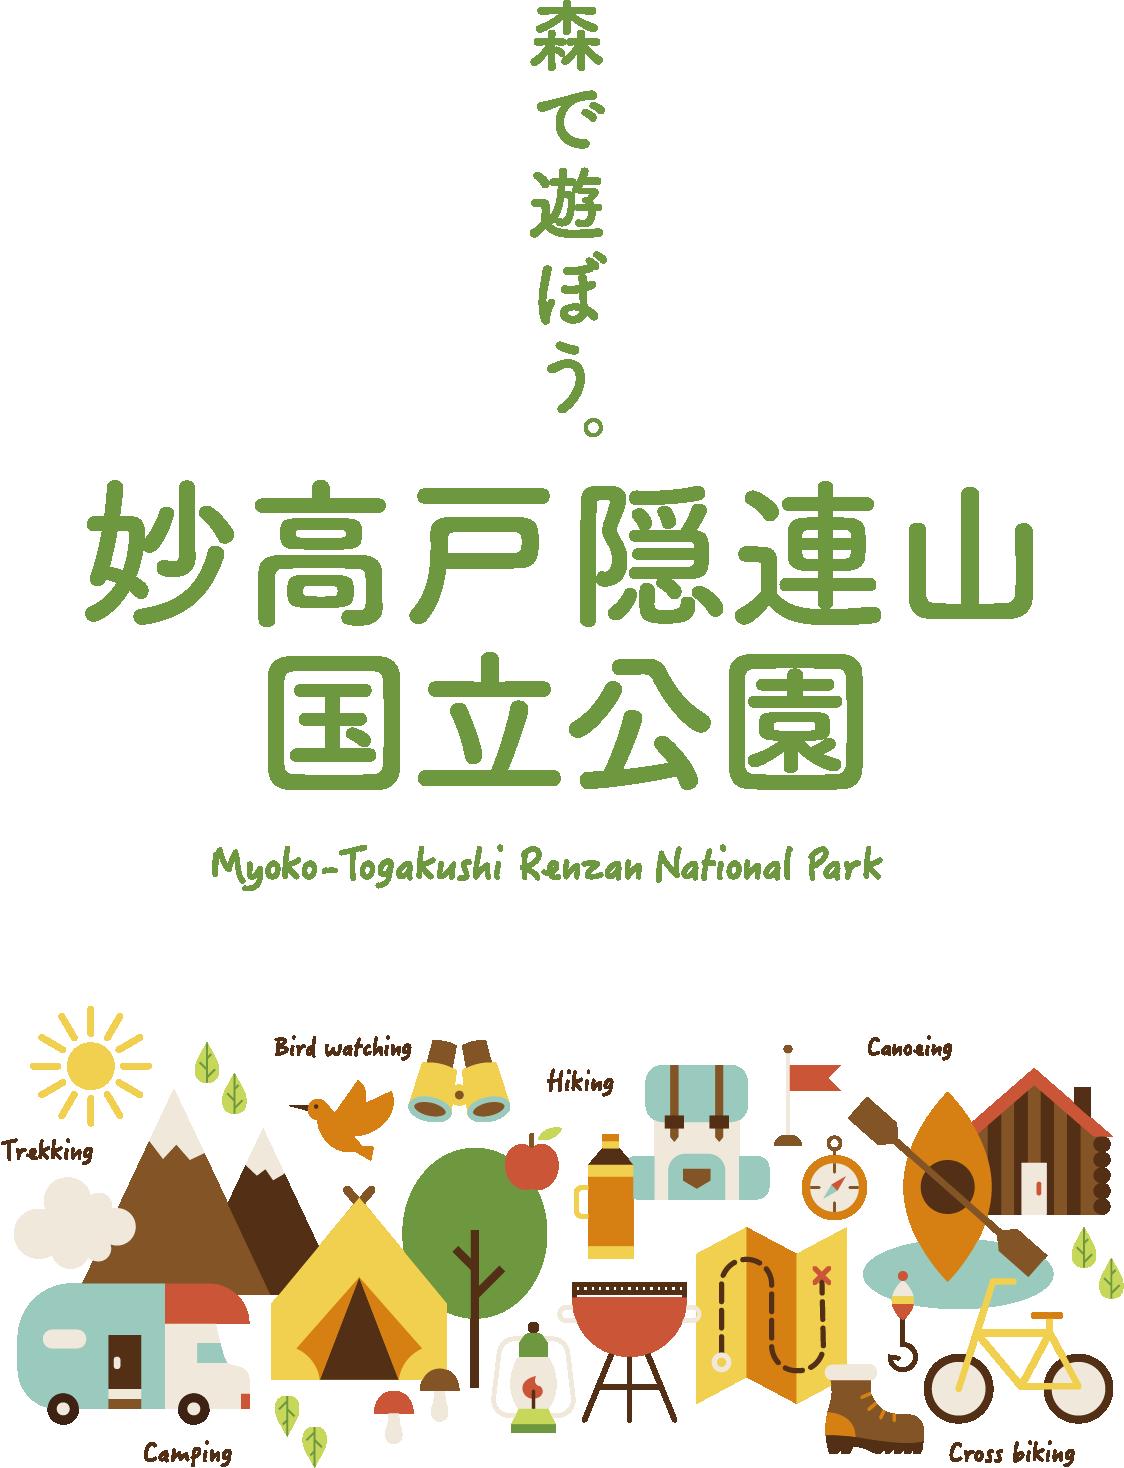 森で遊ぼう|妙高戸隠連山国立公園